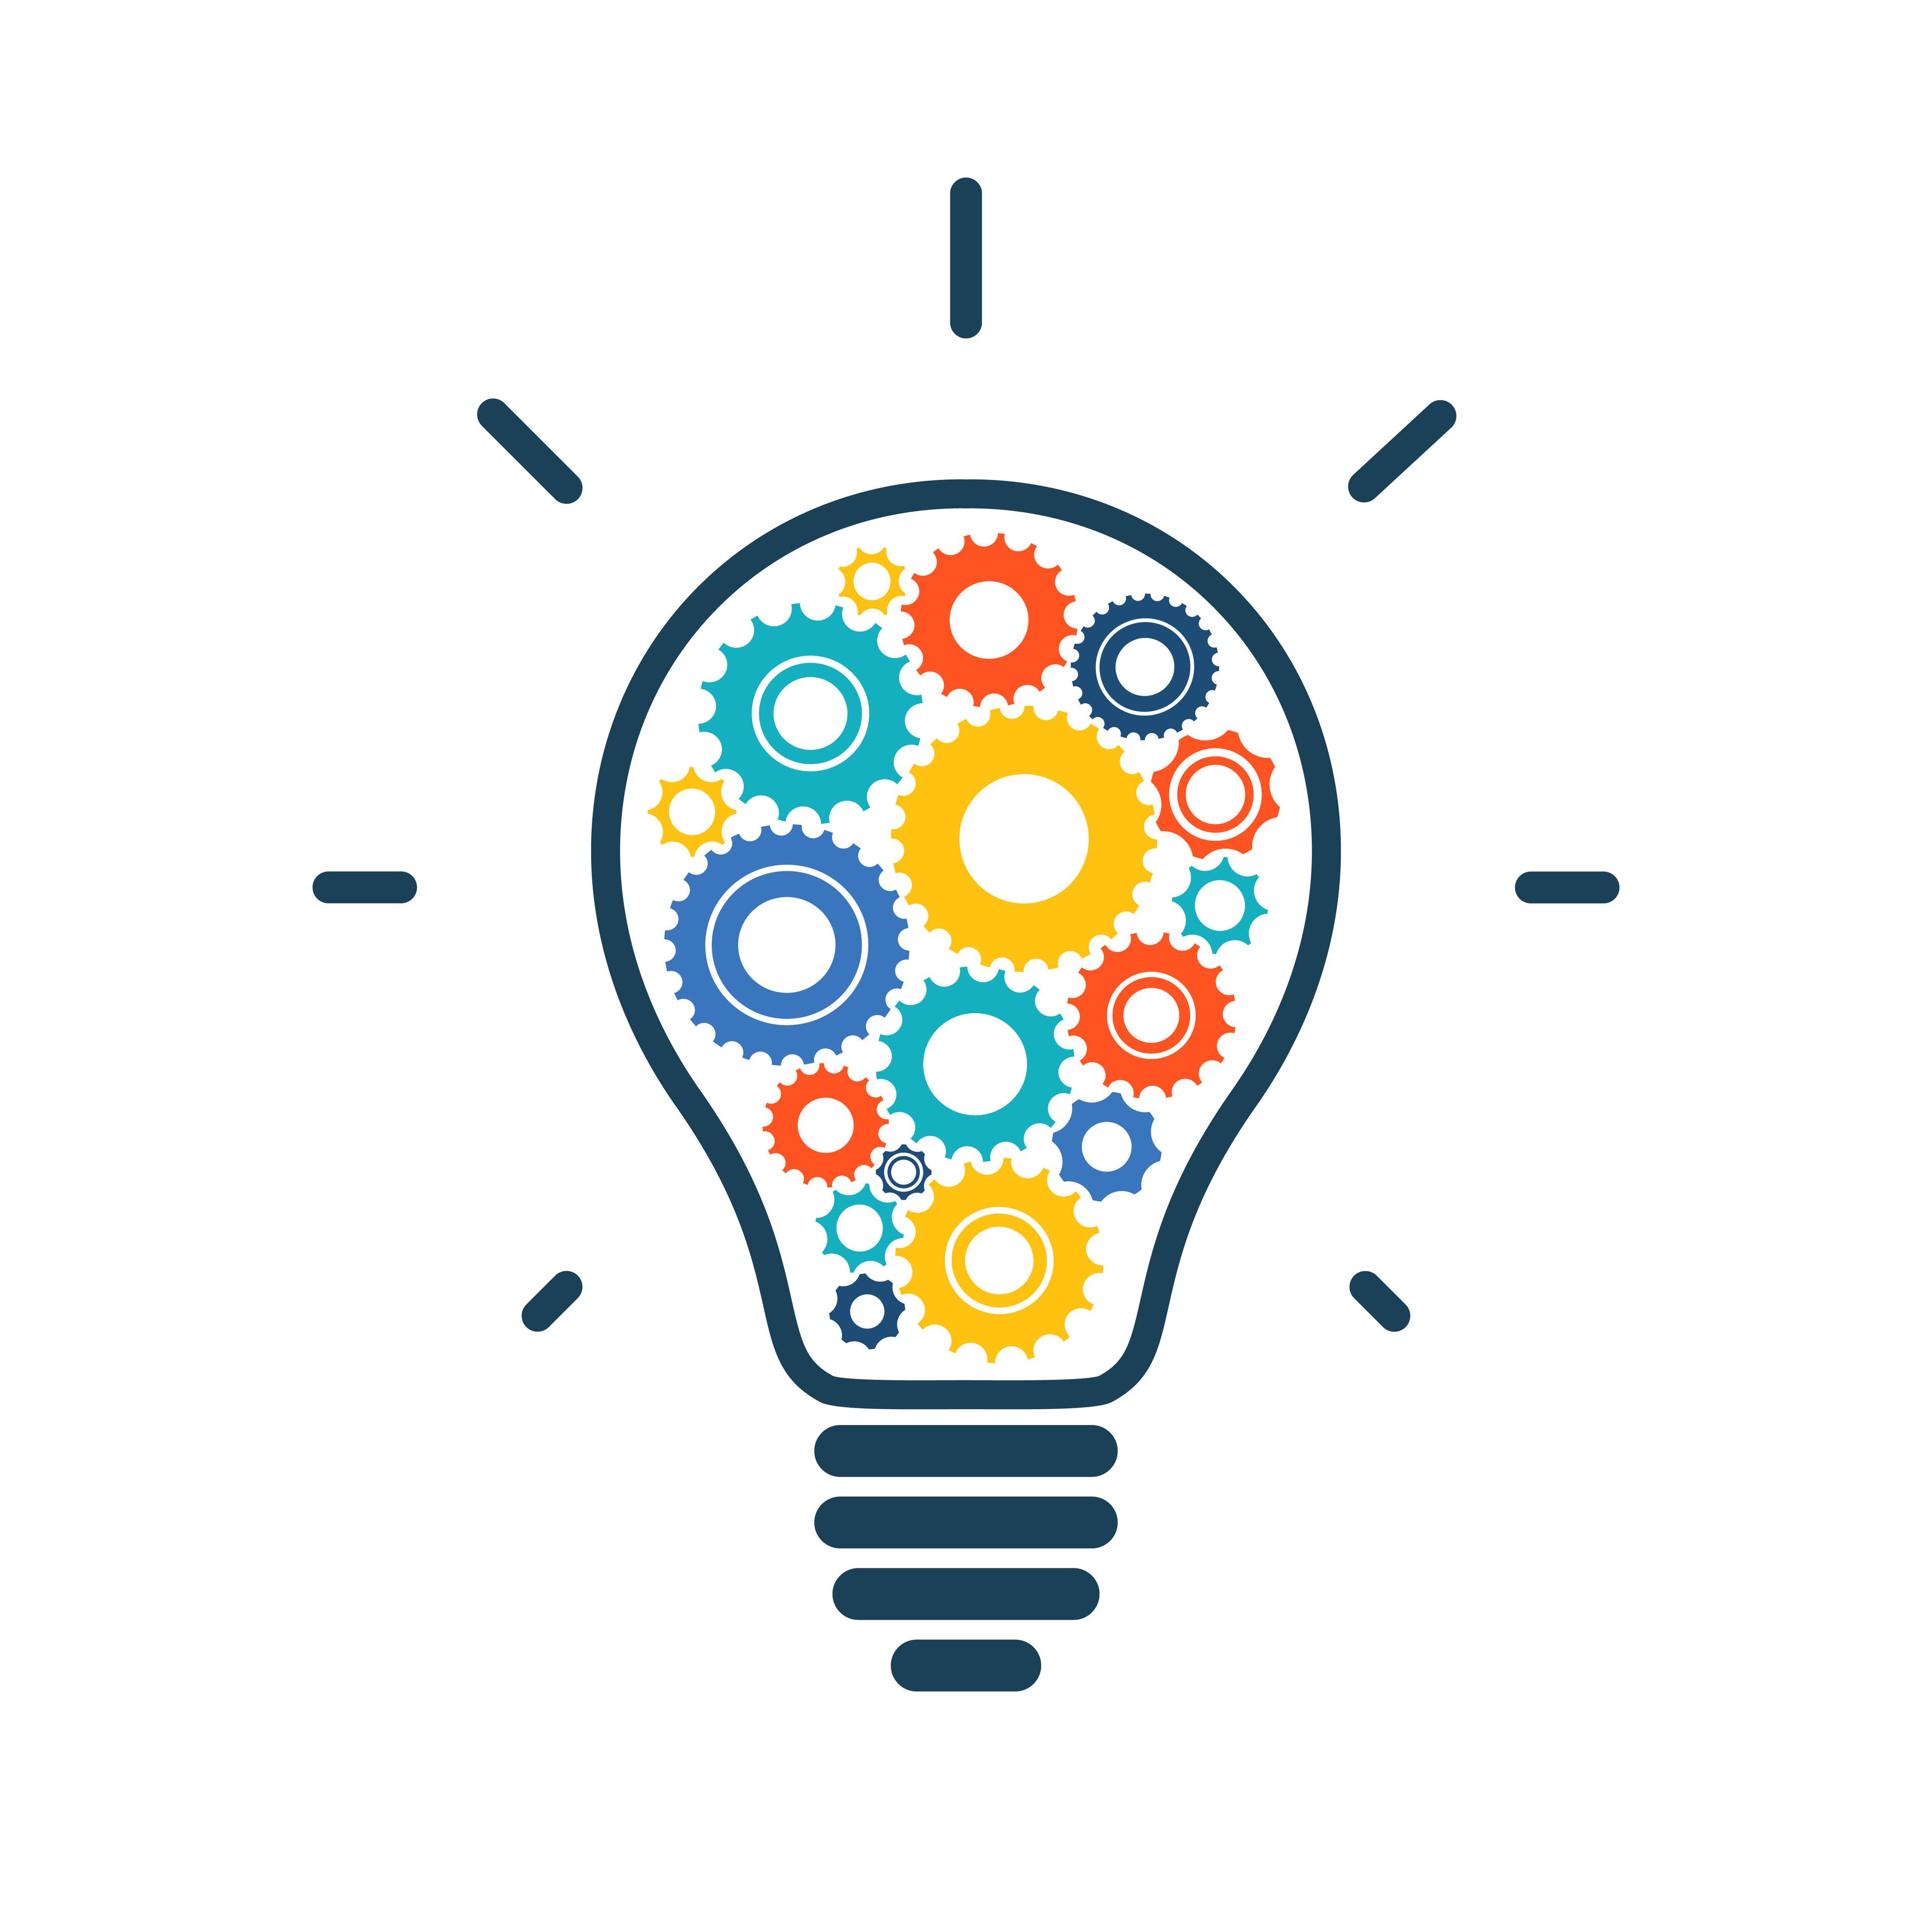 Transformations agiles des organisations: vers un changement structurel d'approche pour la cybersécurité